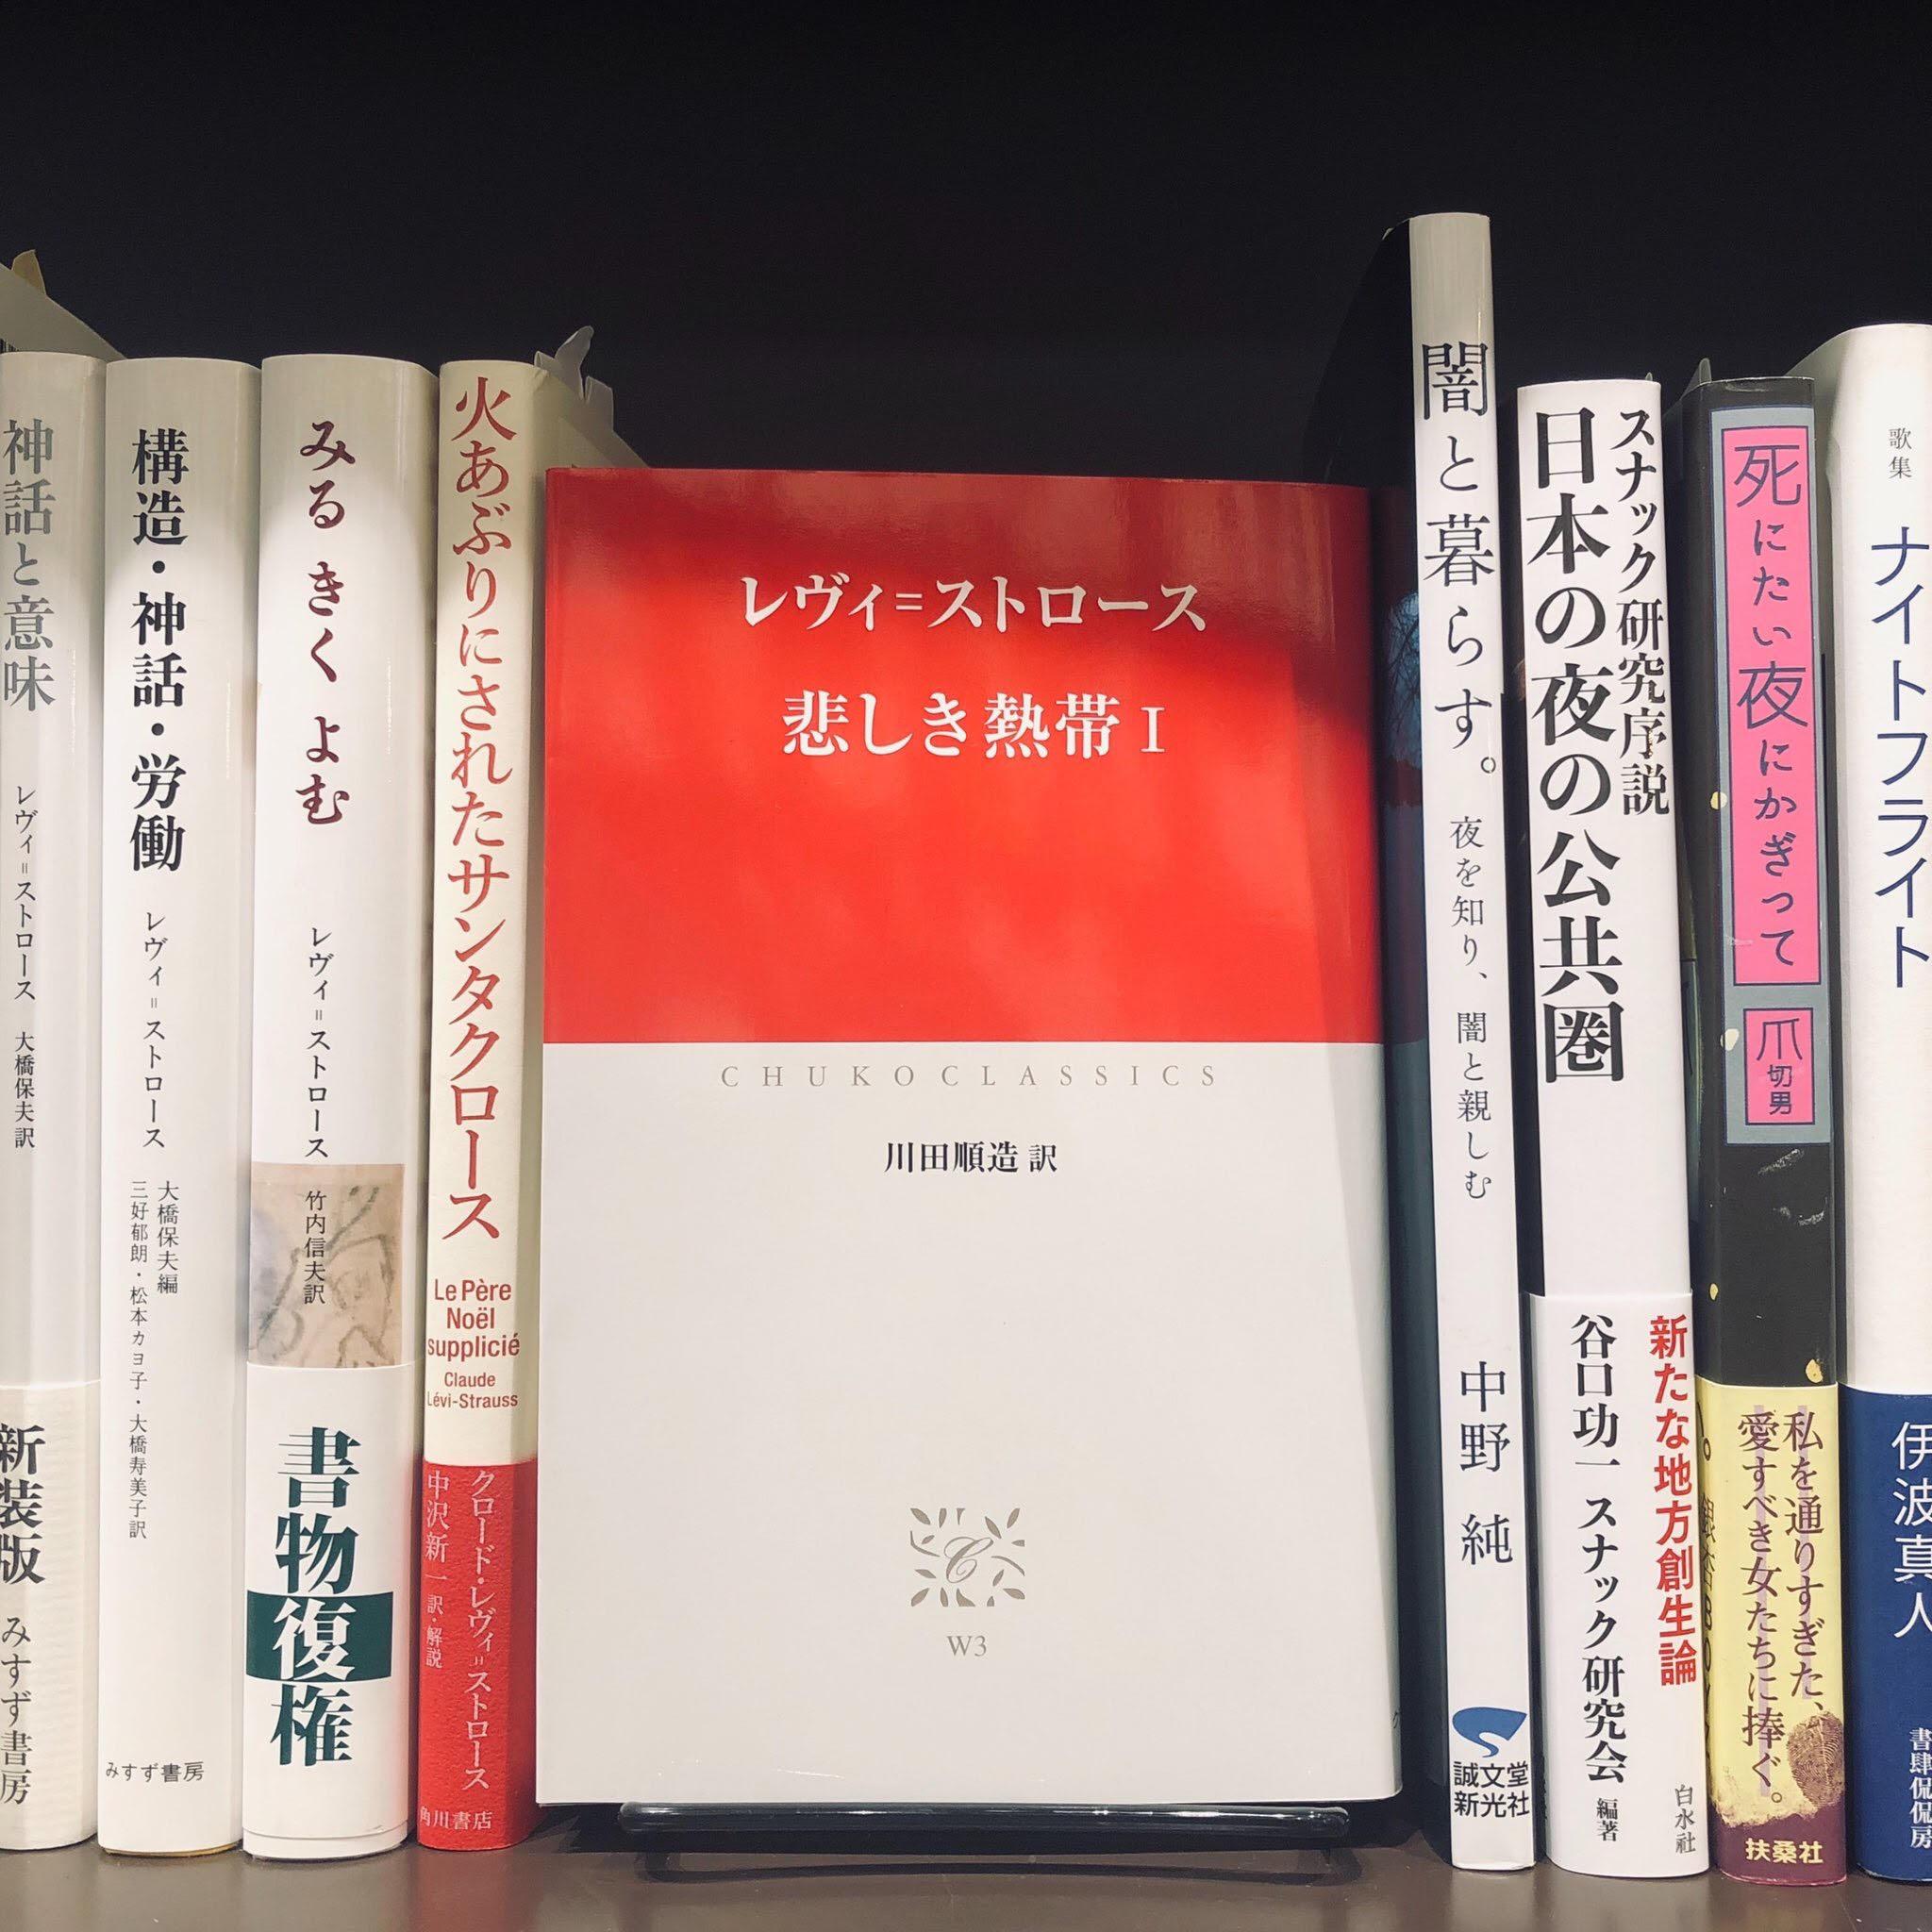 レヴィ=ストロース『悲しき熱帯Ⅰ』(中央公論新社)